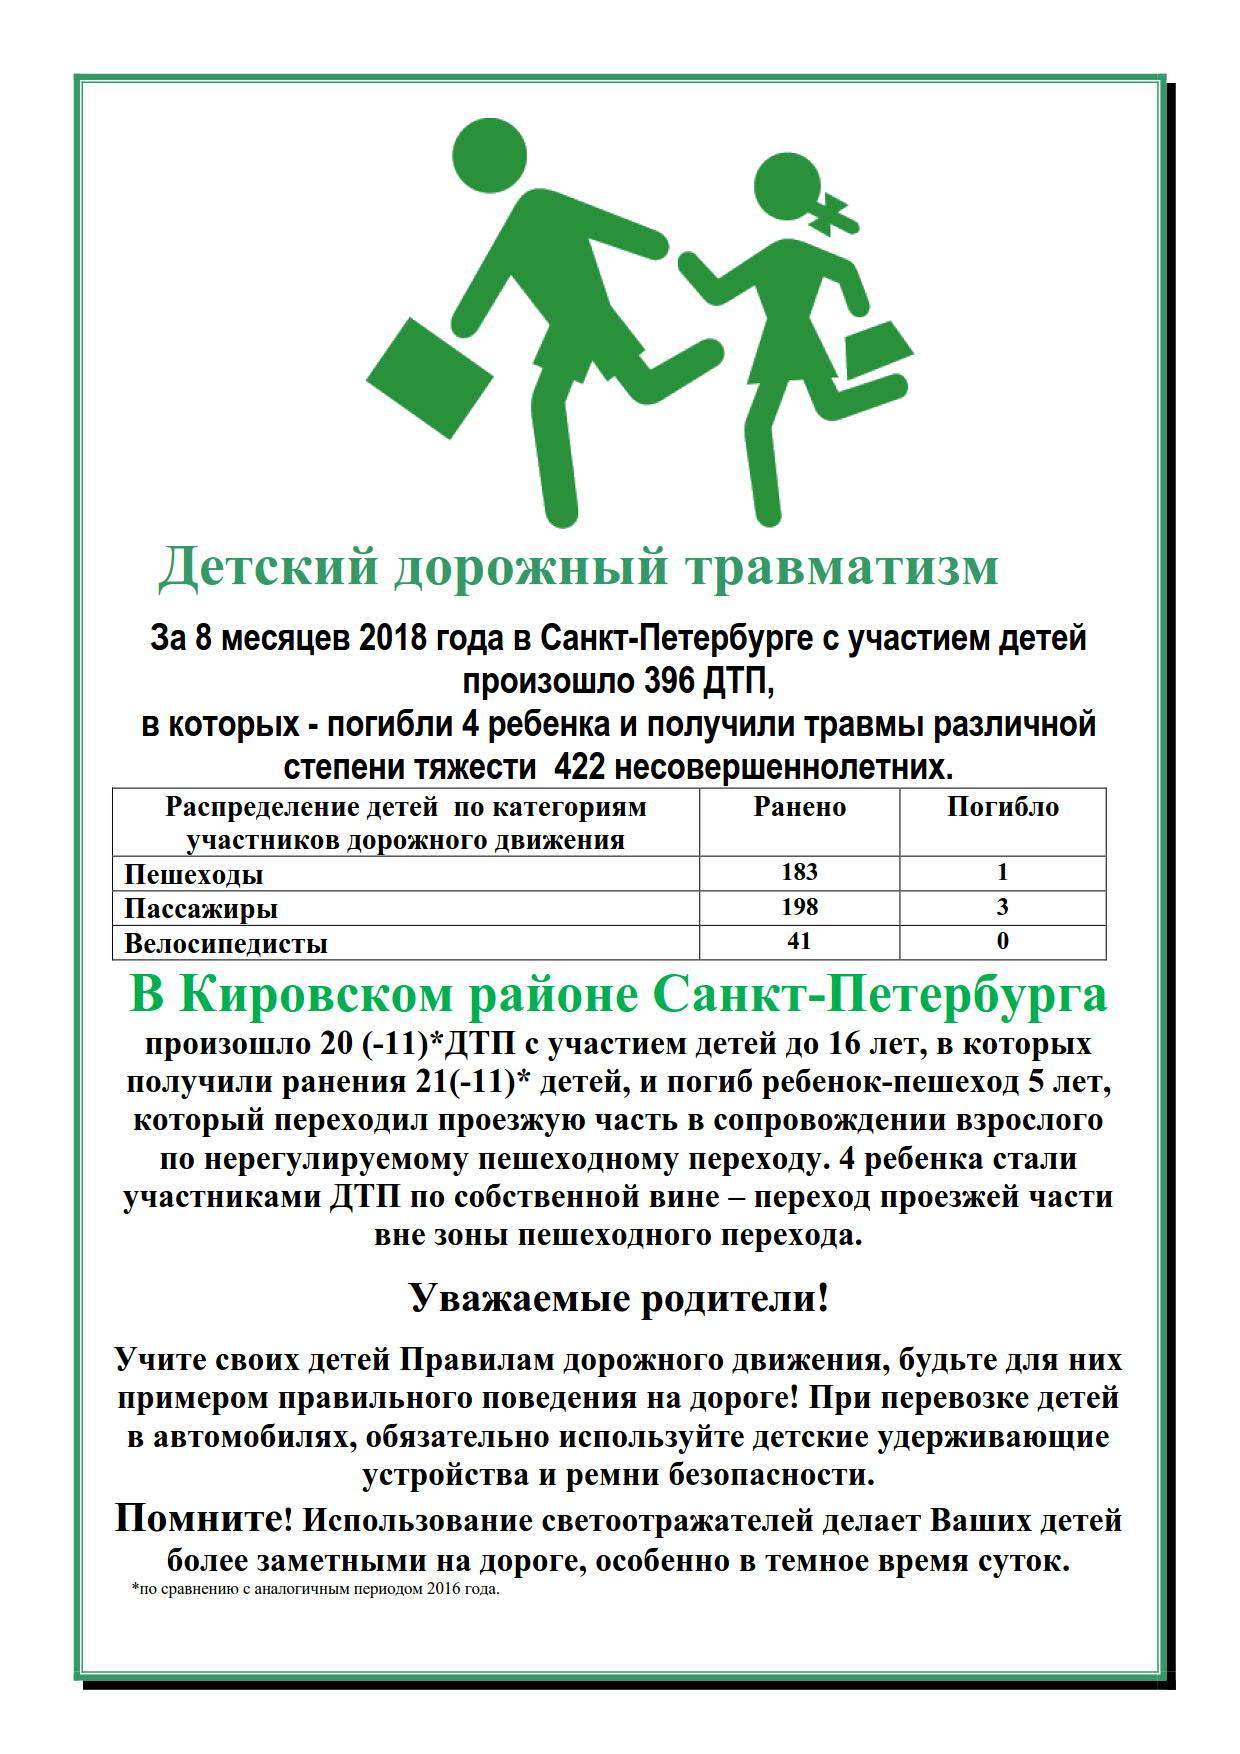 листовка ДДТТавгуст 2018_1